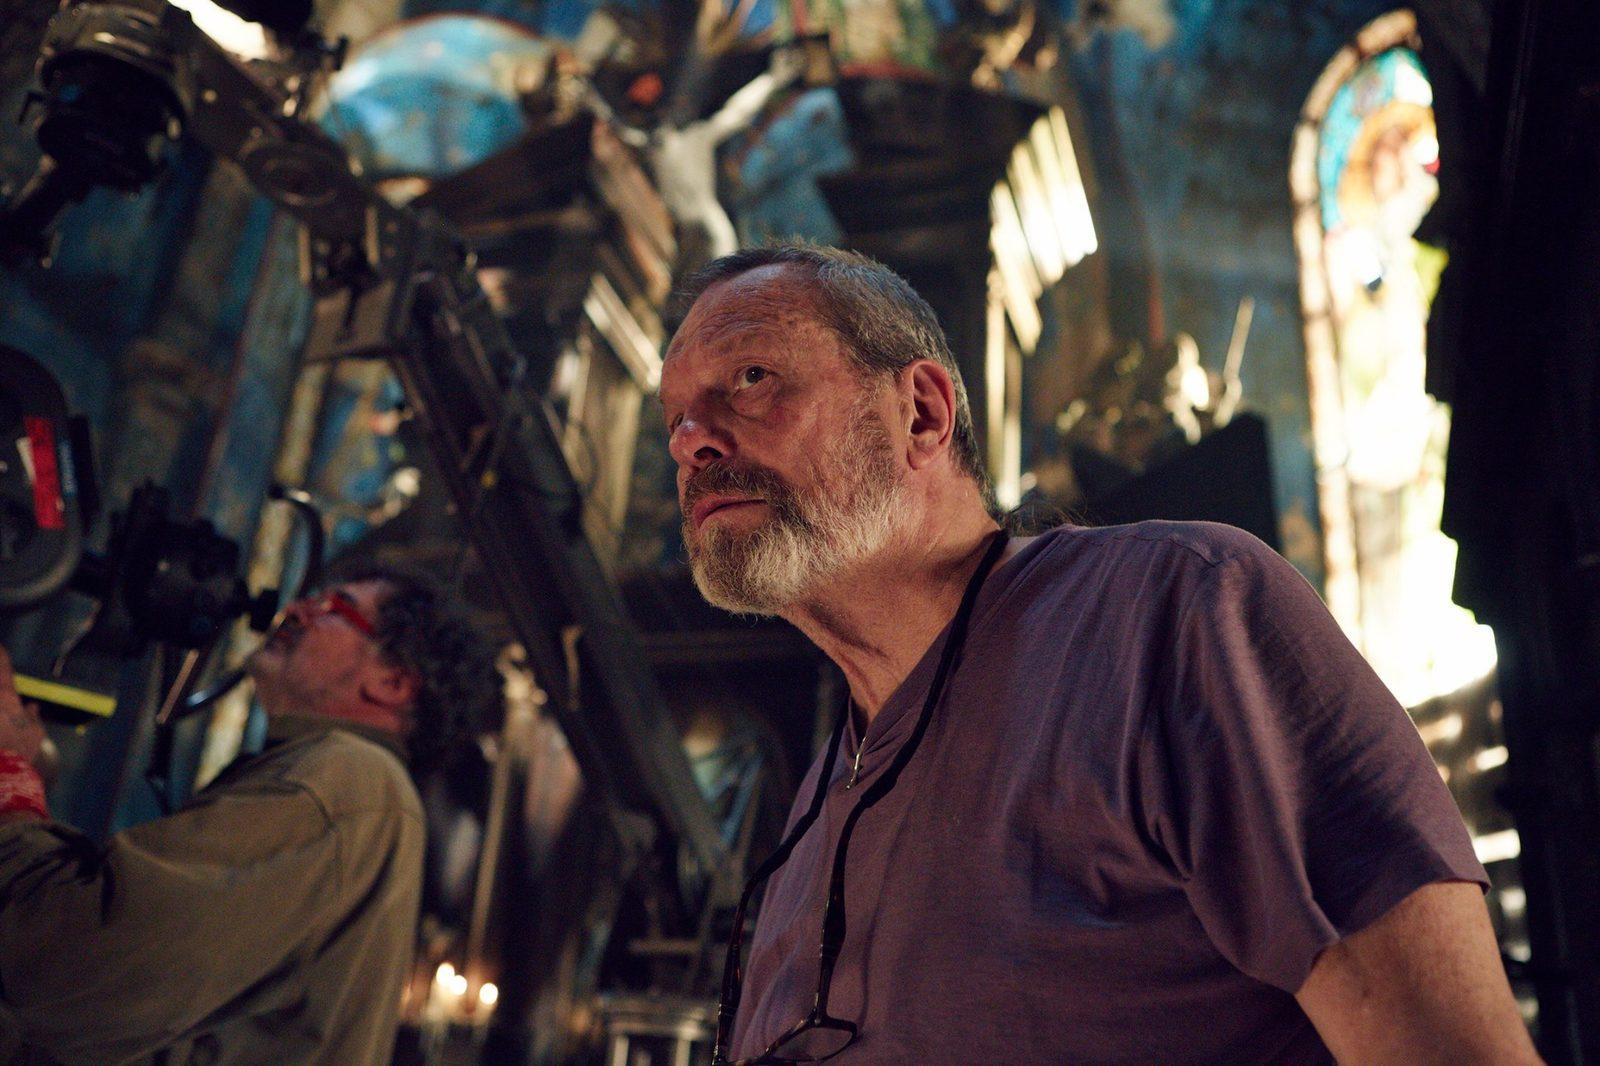 Терри Гиллиам на Одесском кинофестивале поблагодарил Россию вместо Украины  - лайфстайл - 22 августа 2021 - фотографии - Кино-Театр.Ру